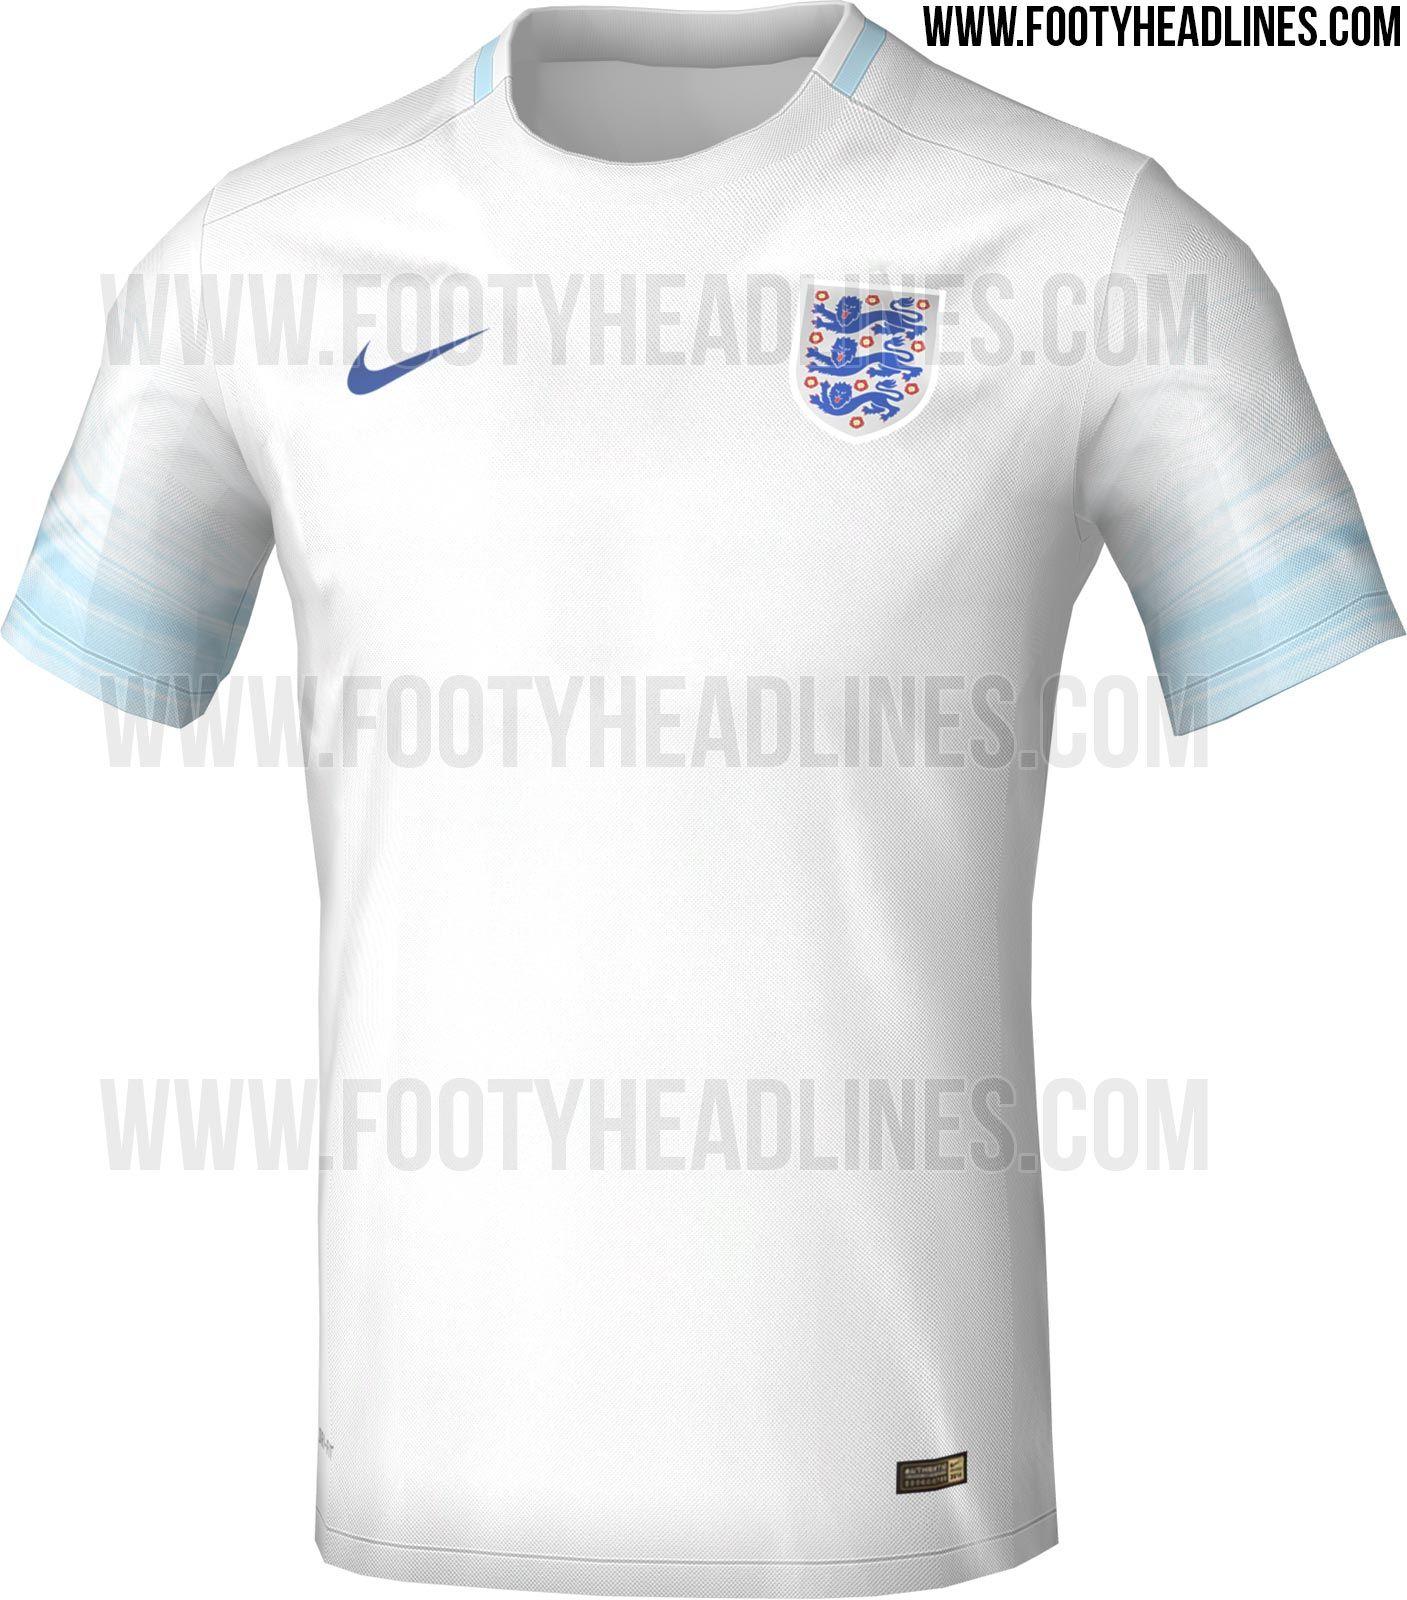 England Euro 2016 Kit Leaked Footy Headlines Sport